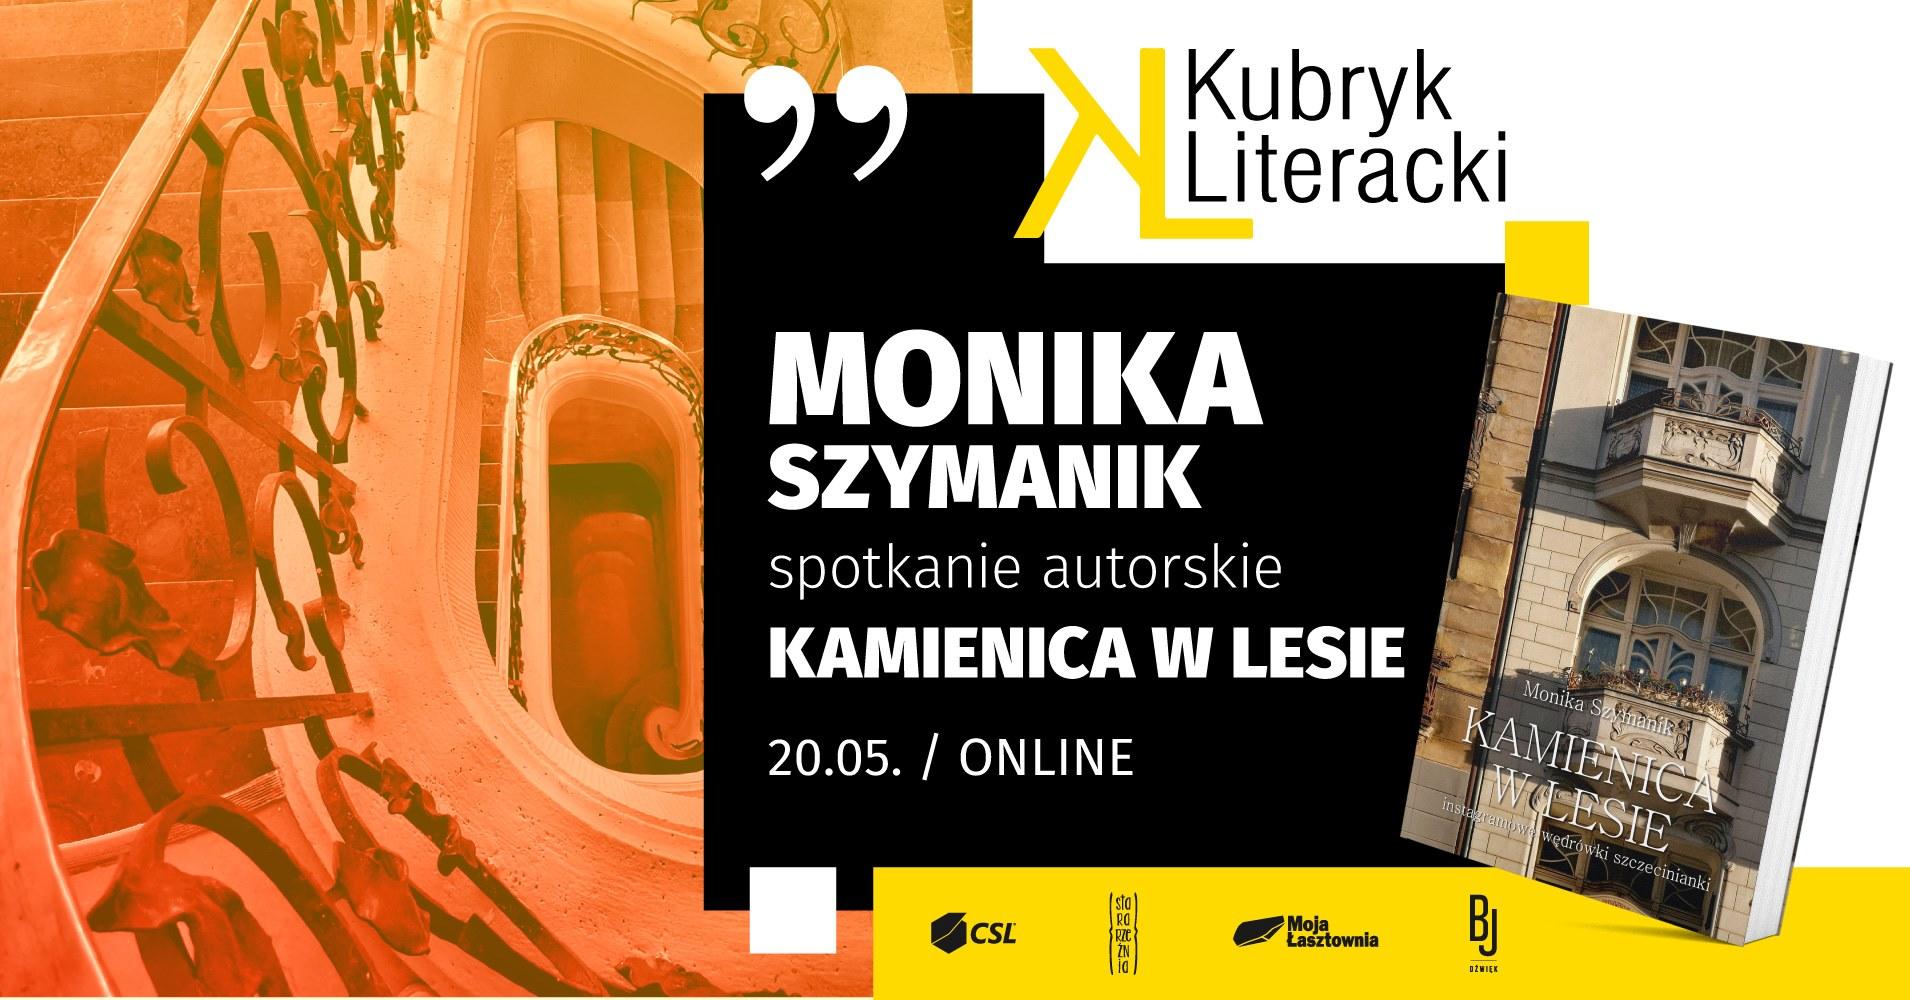 Kubryk Literacki online: spotkanie z Moniką Szymanik